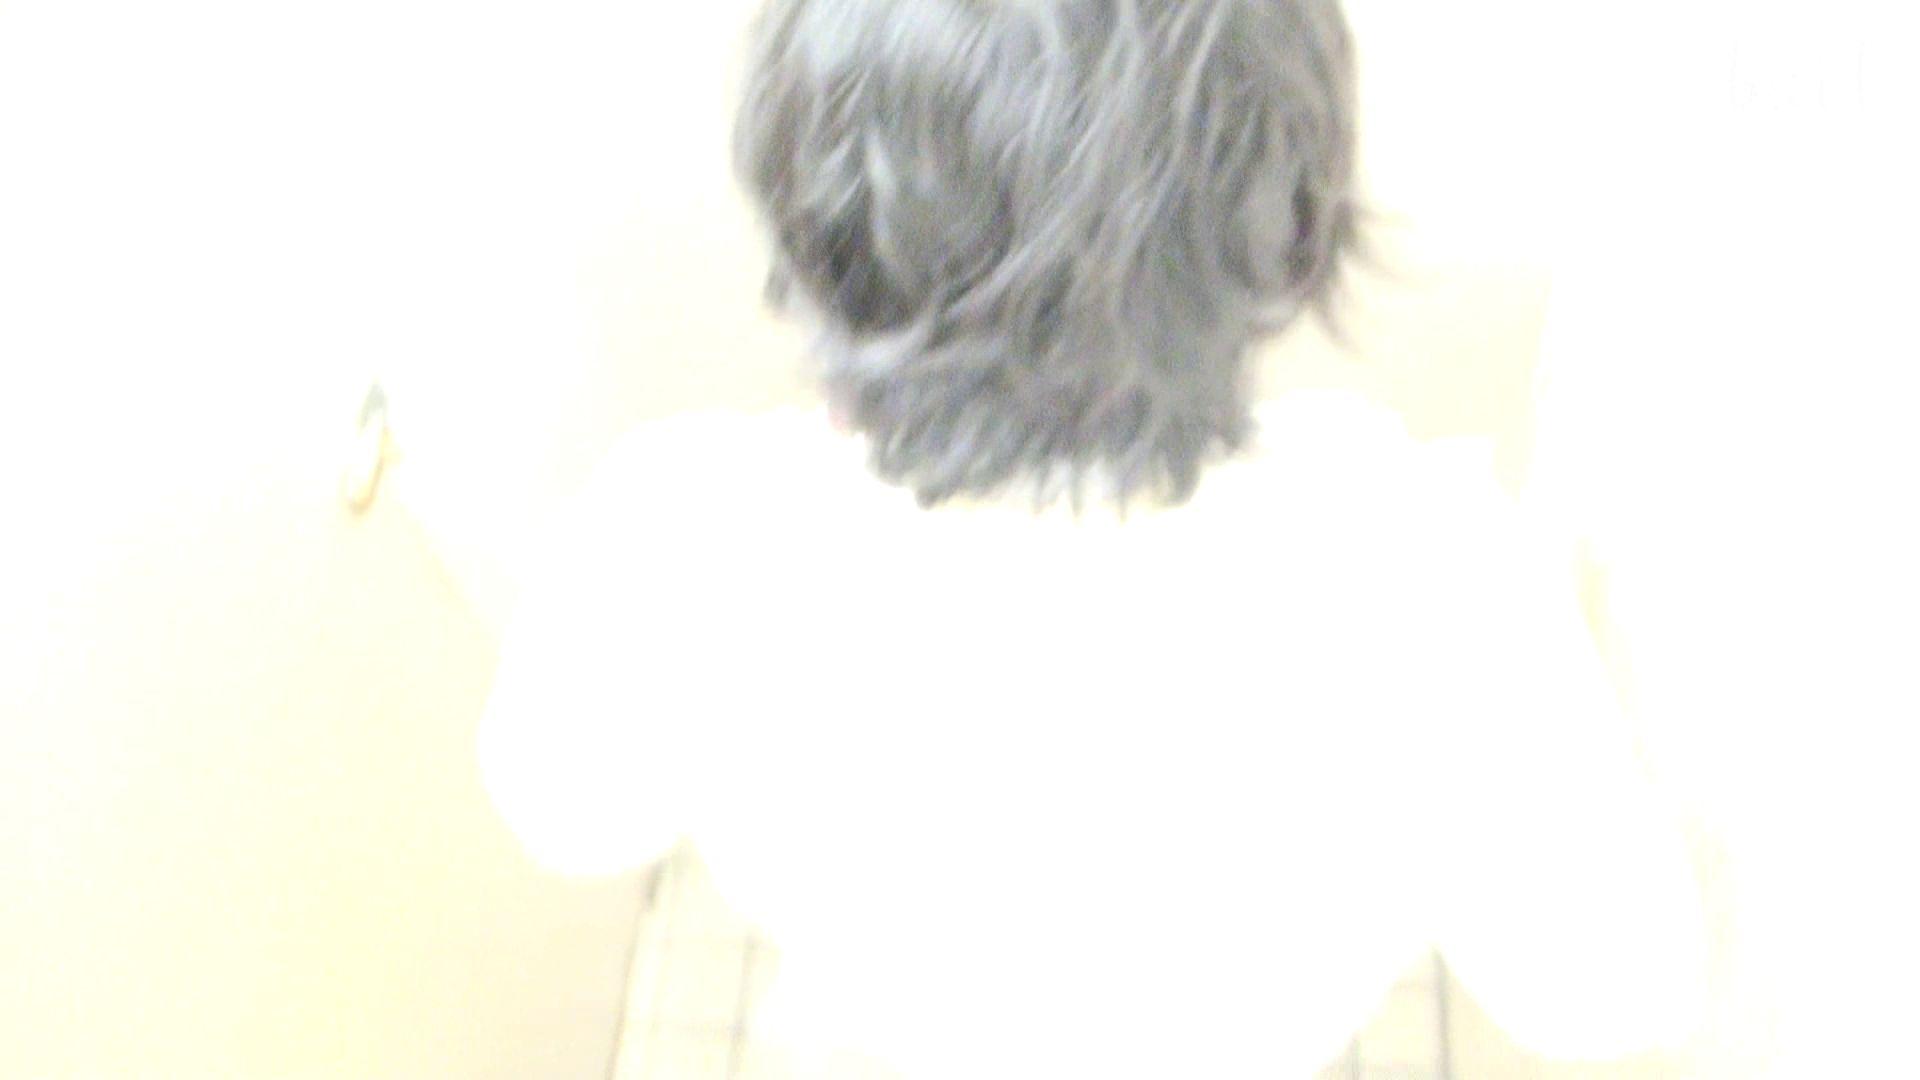 ナースのお小水 vol.001 OLハメ撮り  59Pix 41